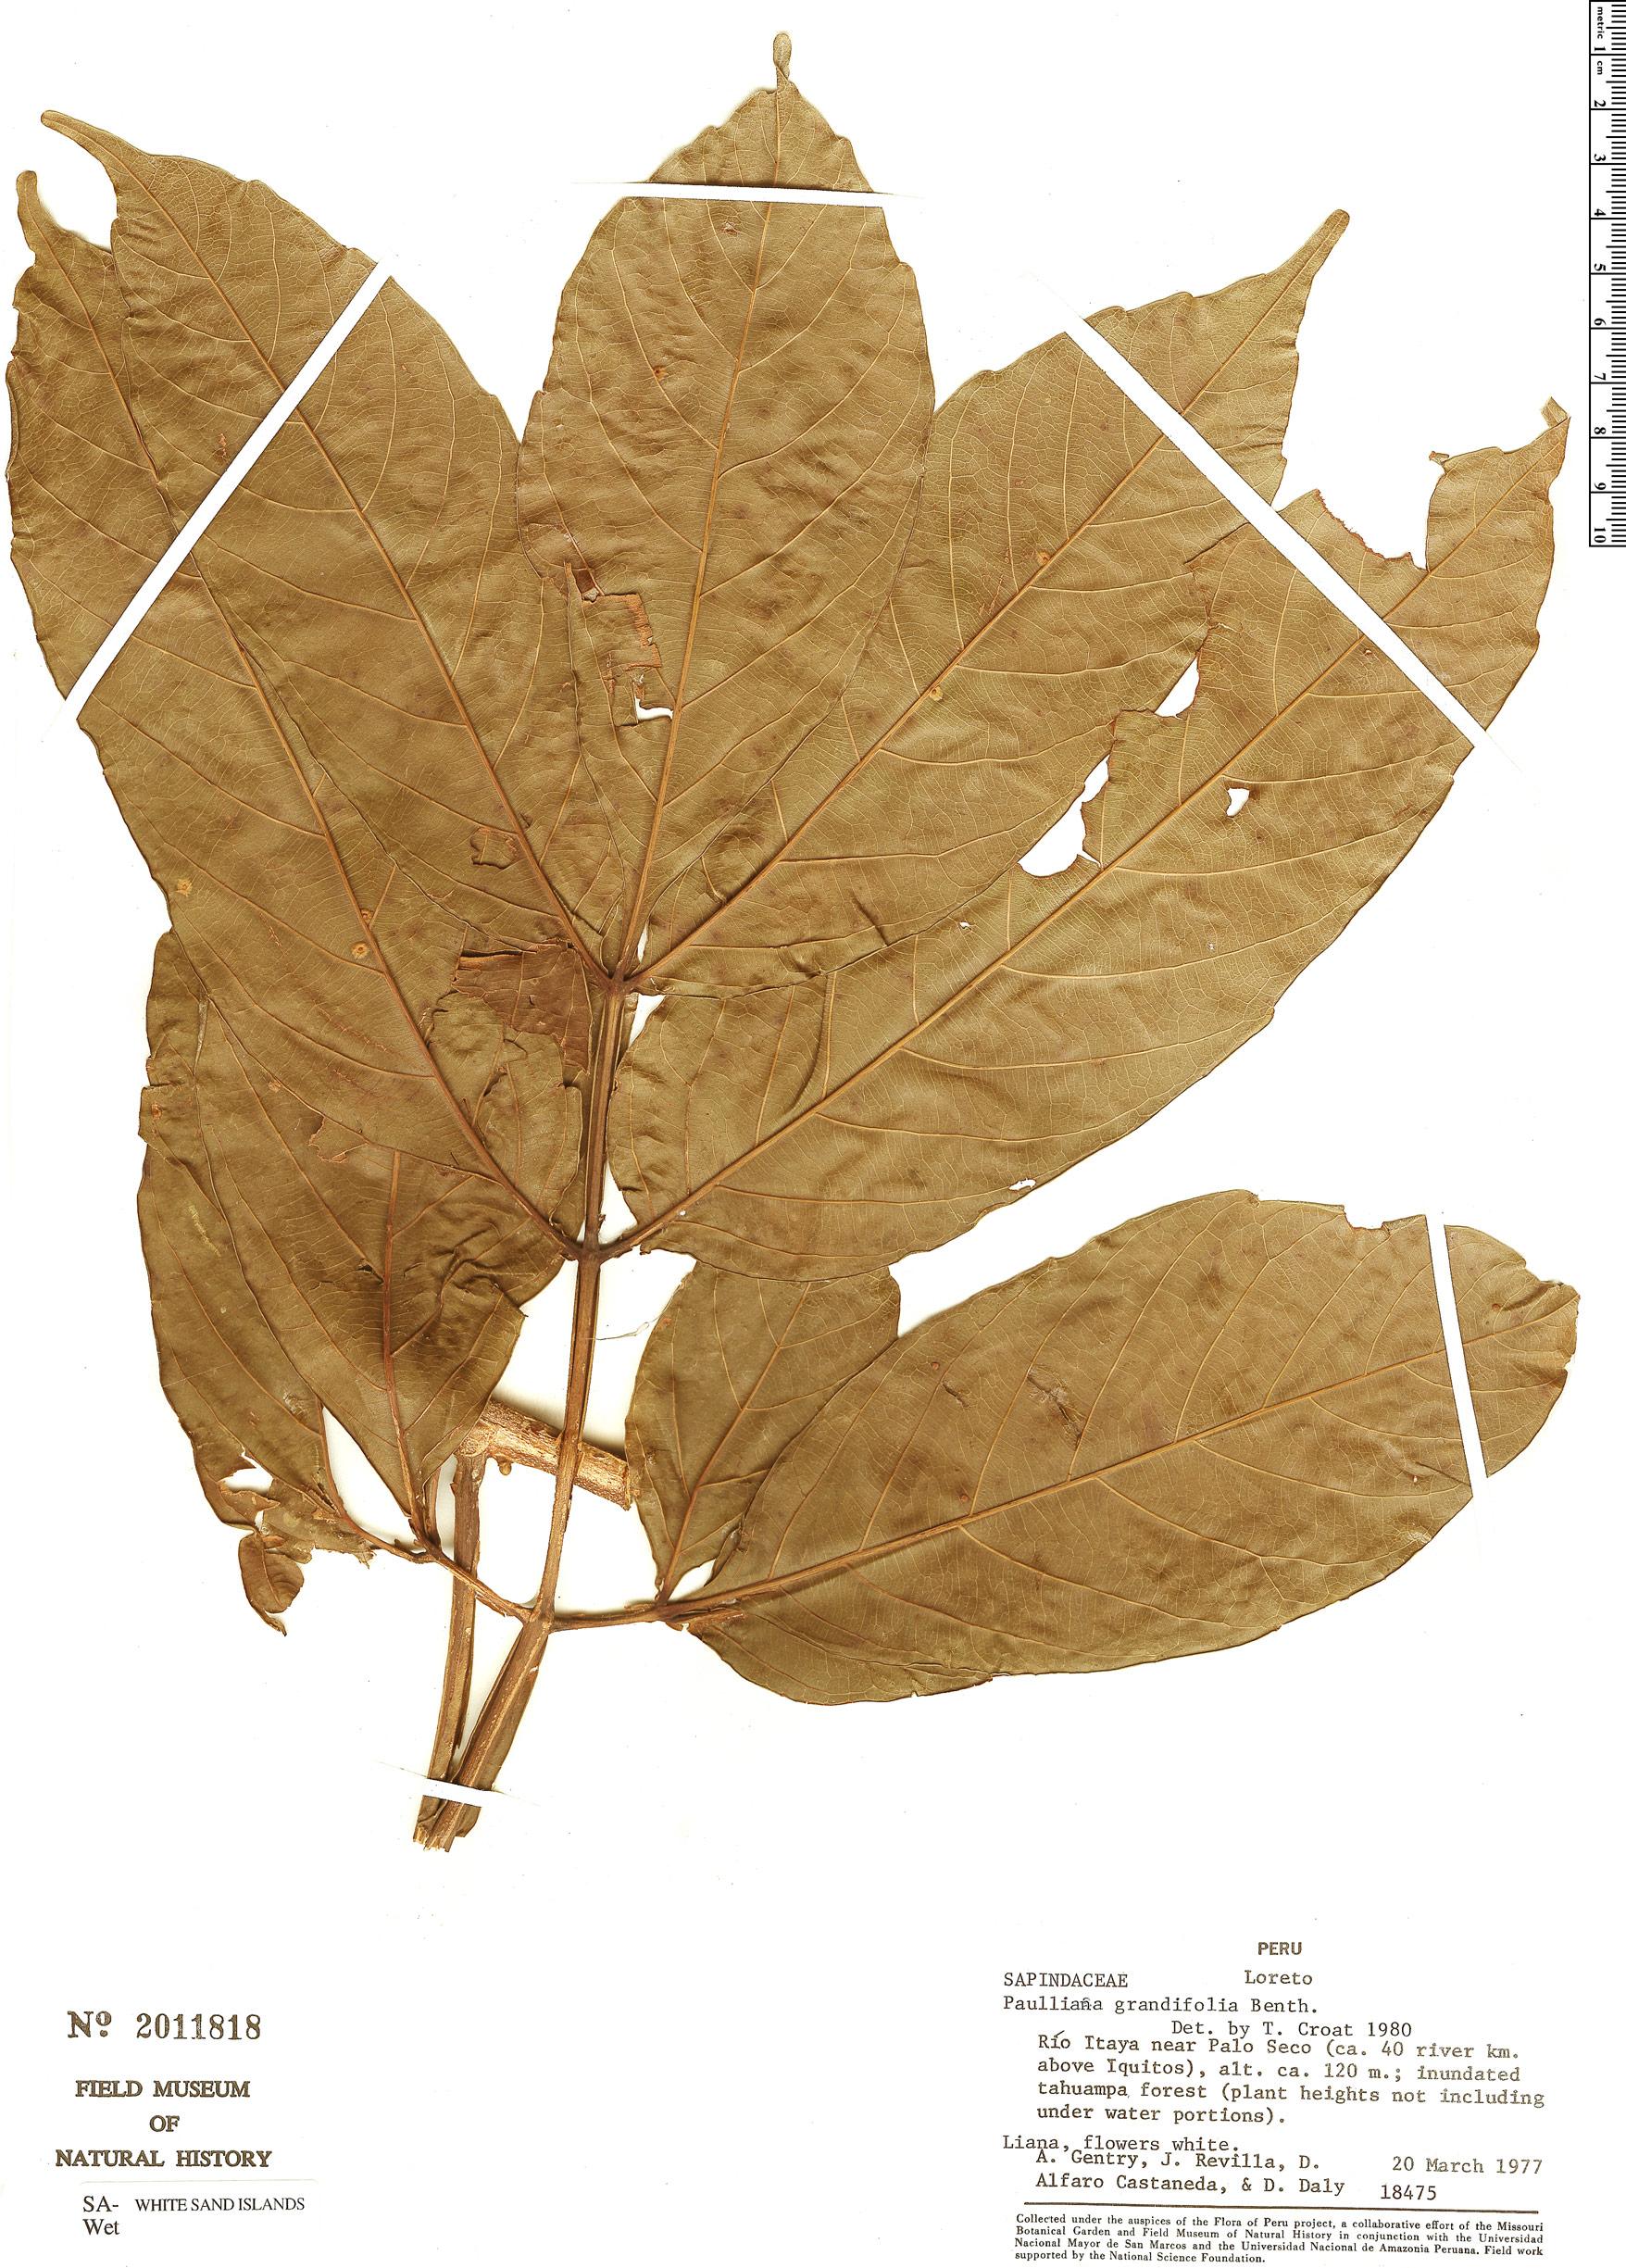 Specimen: Paullinia grandifolia